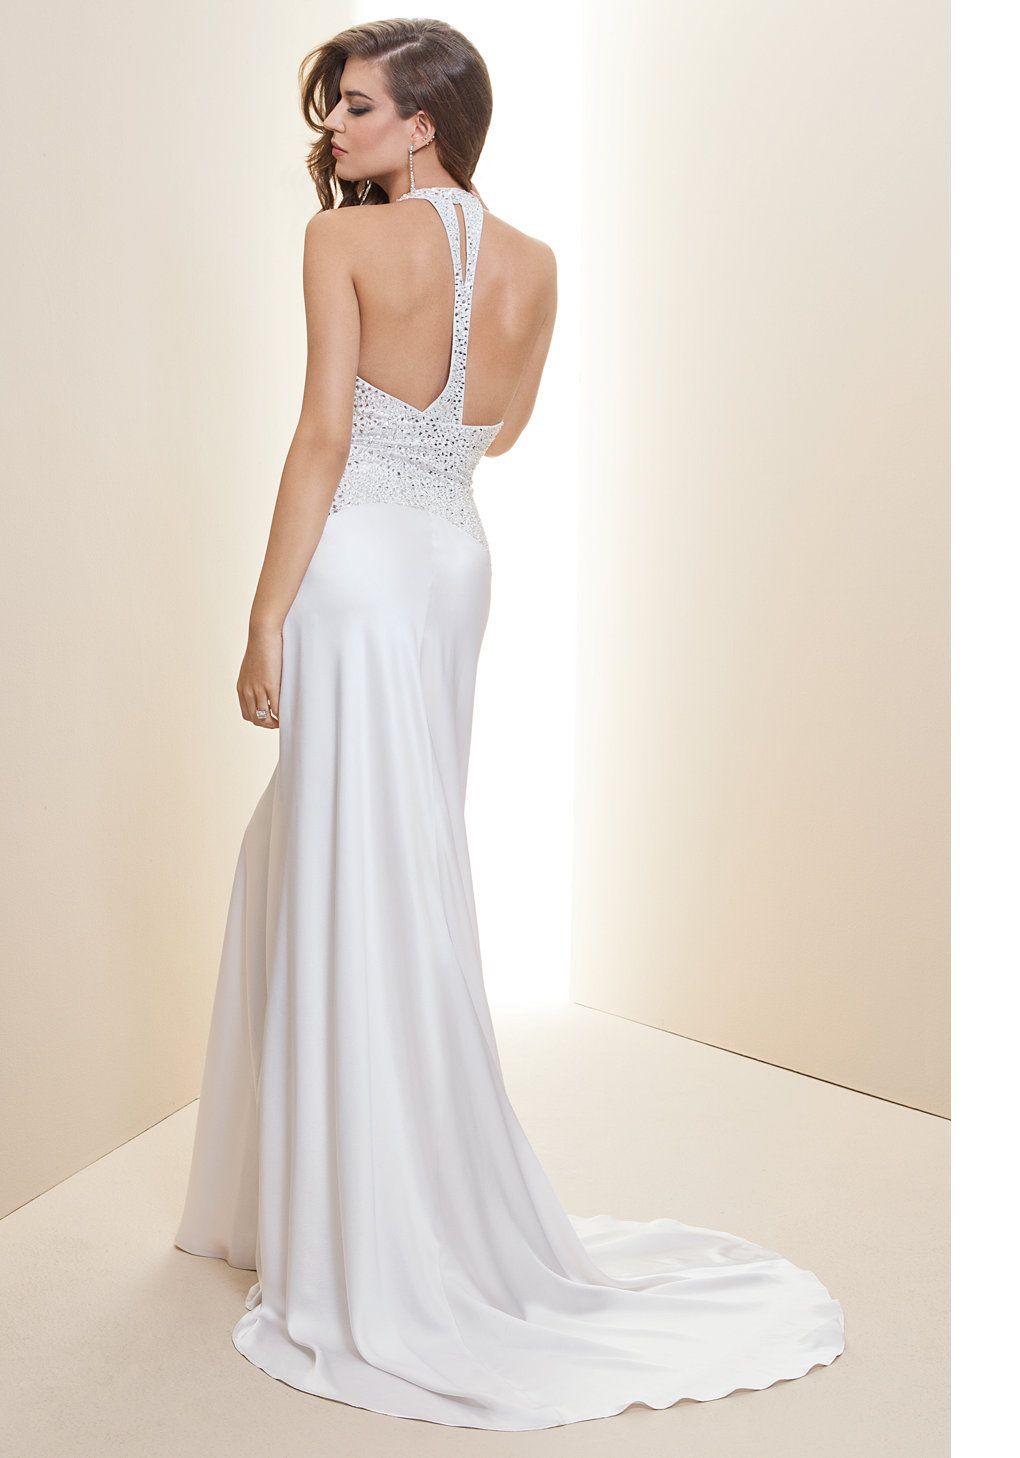 bebe   Embellished Halter Charm Bridal Gown - Rami Kashou - Bridal ...